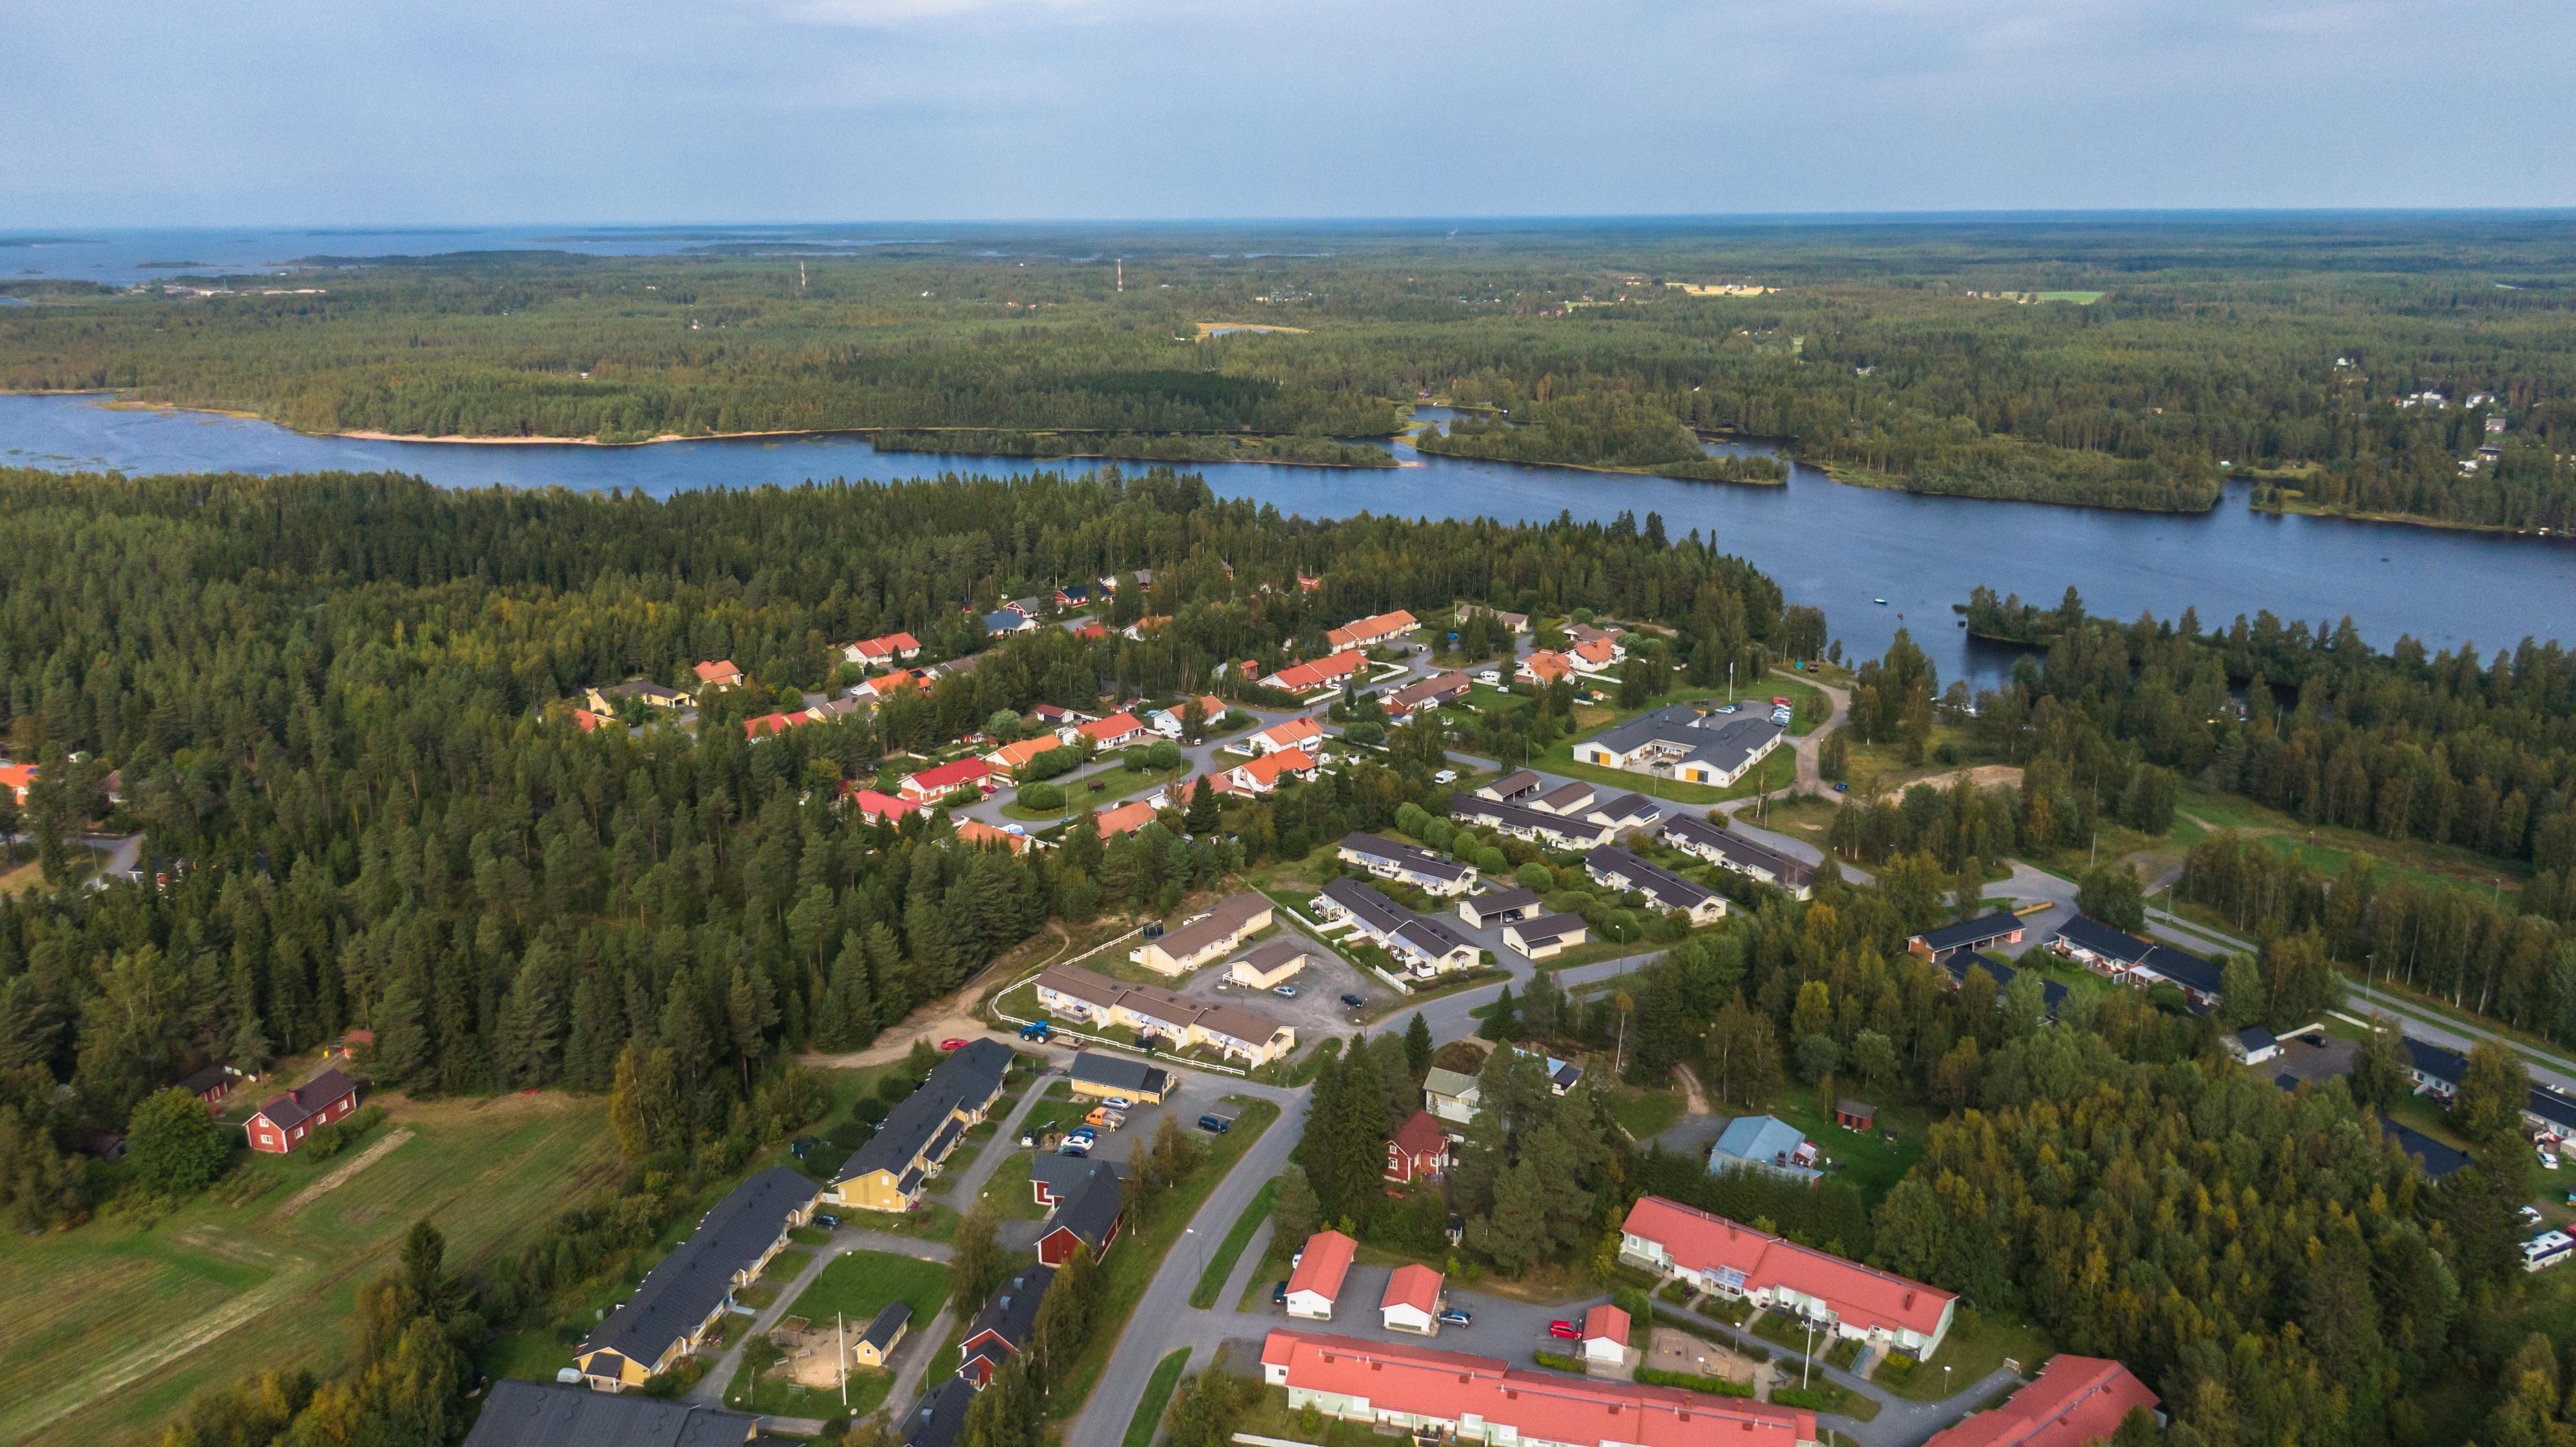 Metsäistä asuinaluetta ilmasta kuvattuna, jossa runsaasti punakattoisia taloja. Kuuluisa Kiiminkijoki taustalla.